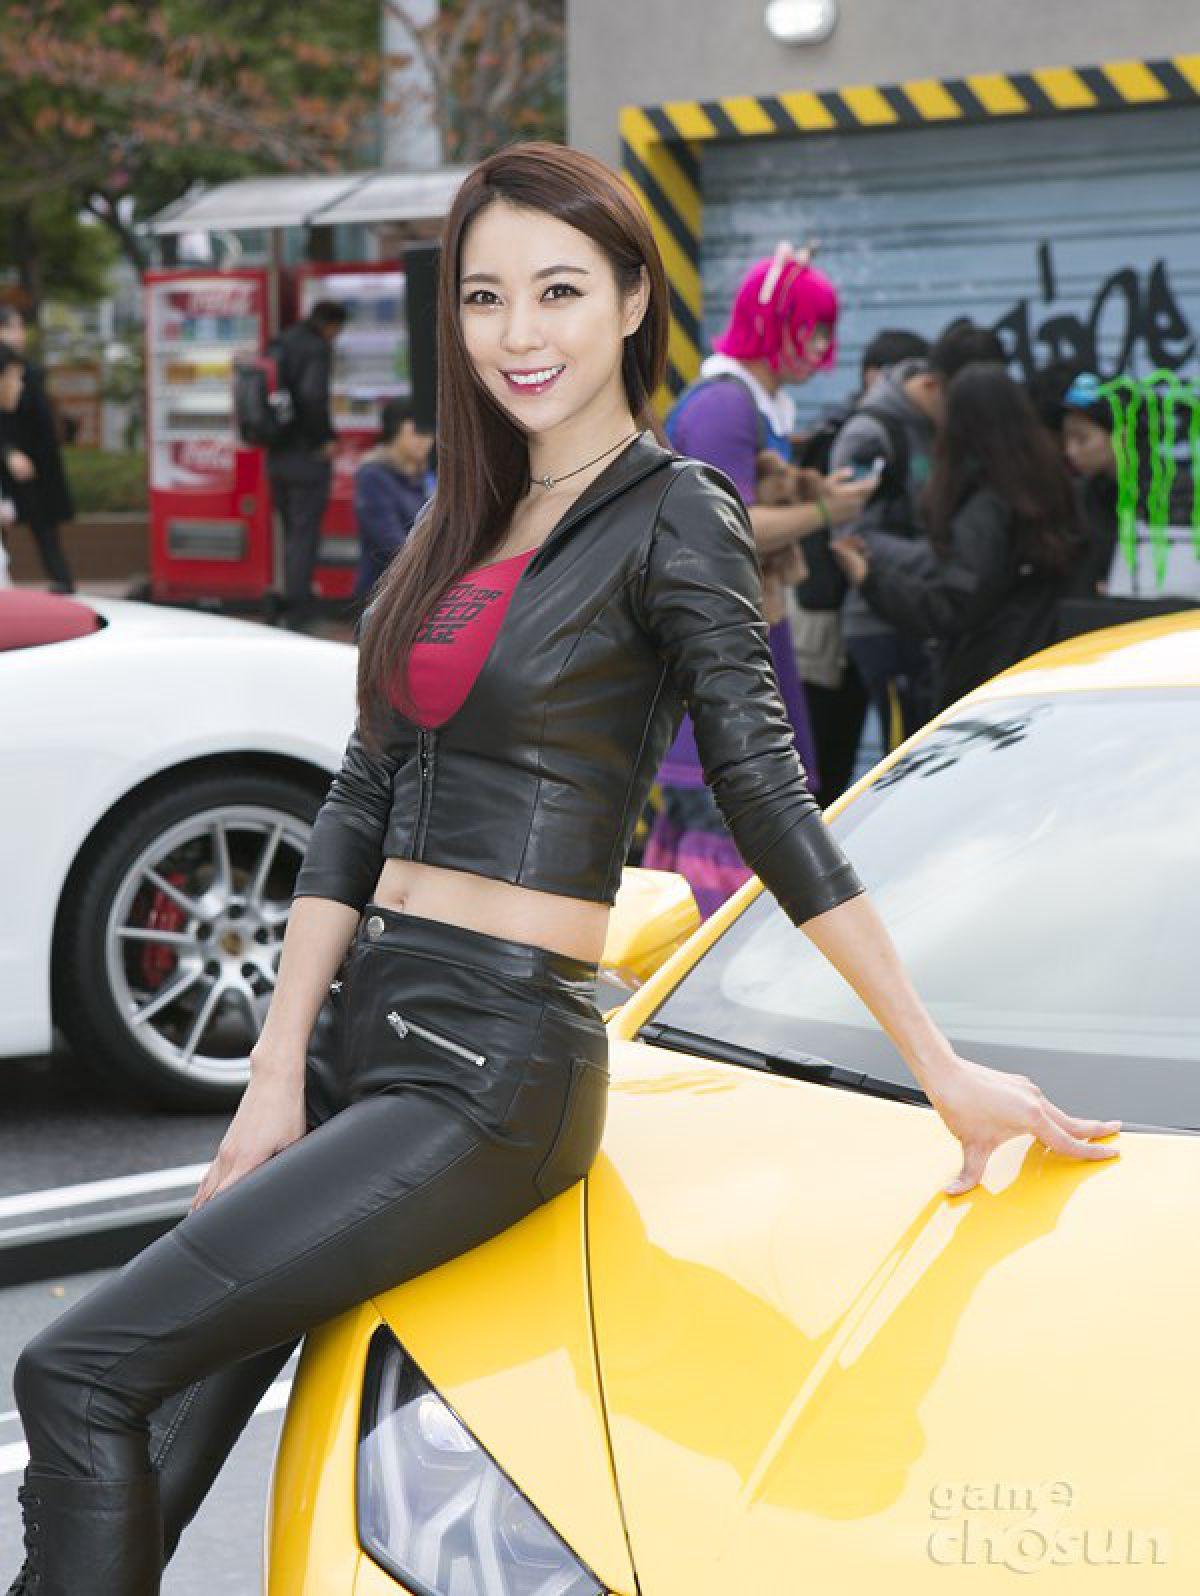 Need For Speed EDGE - Анонс ЗБТ и другие новости с G*Star 2015